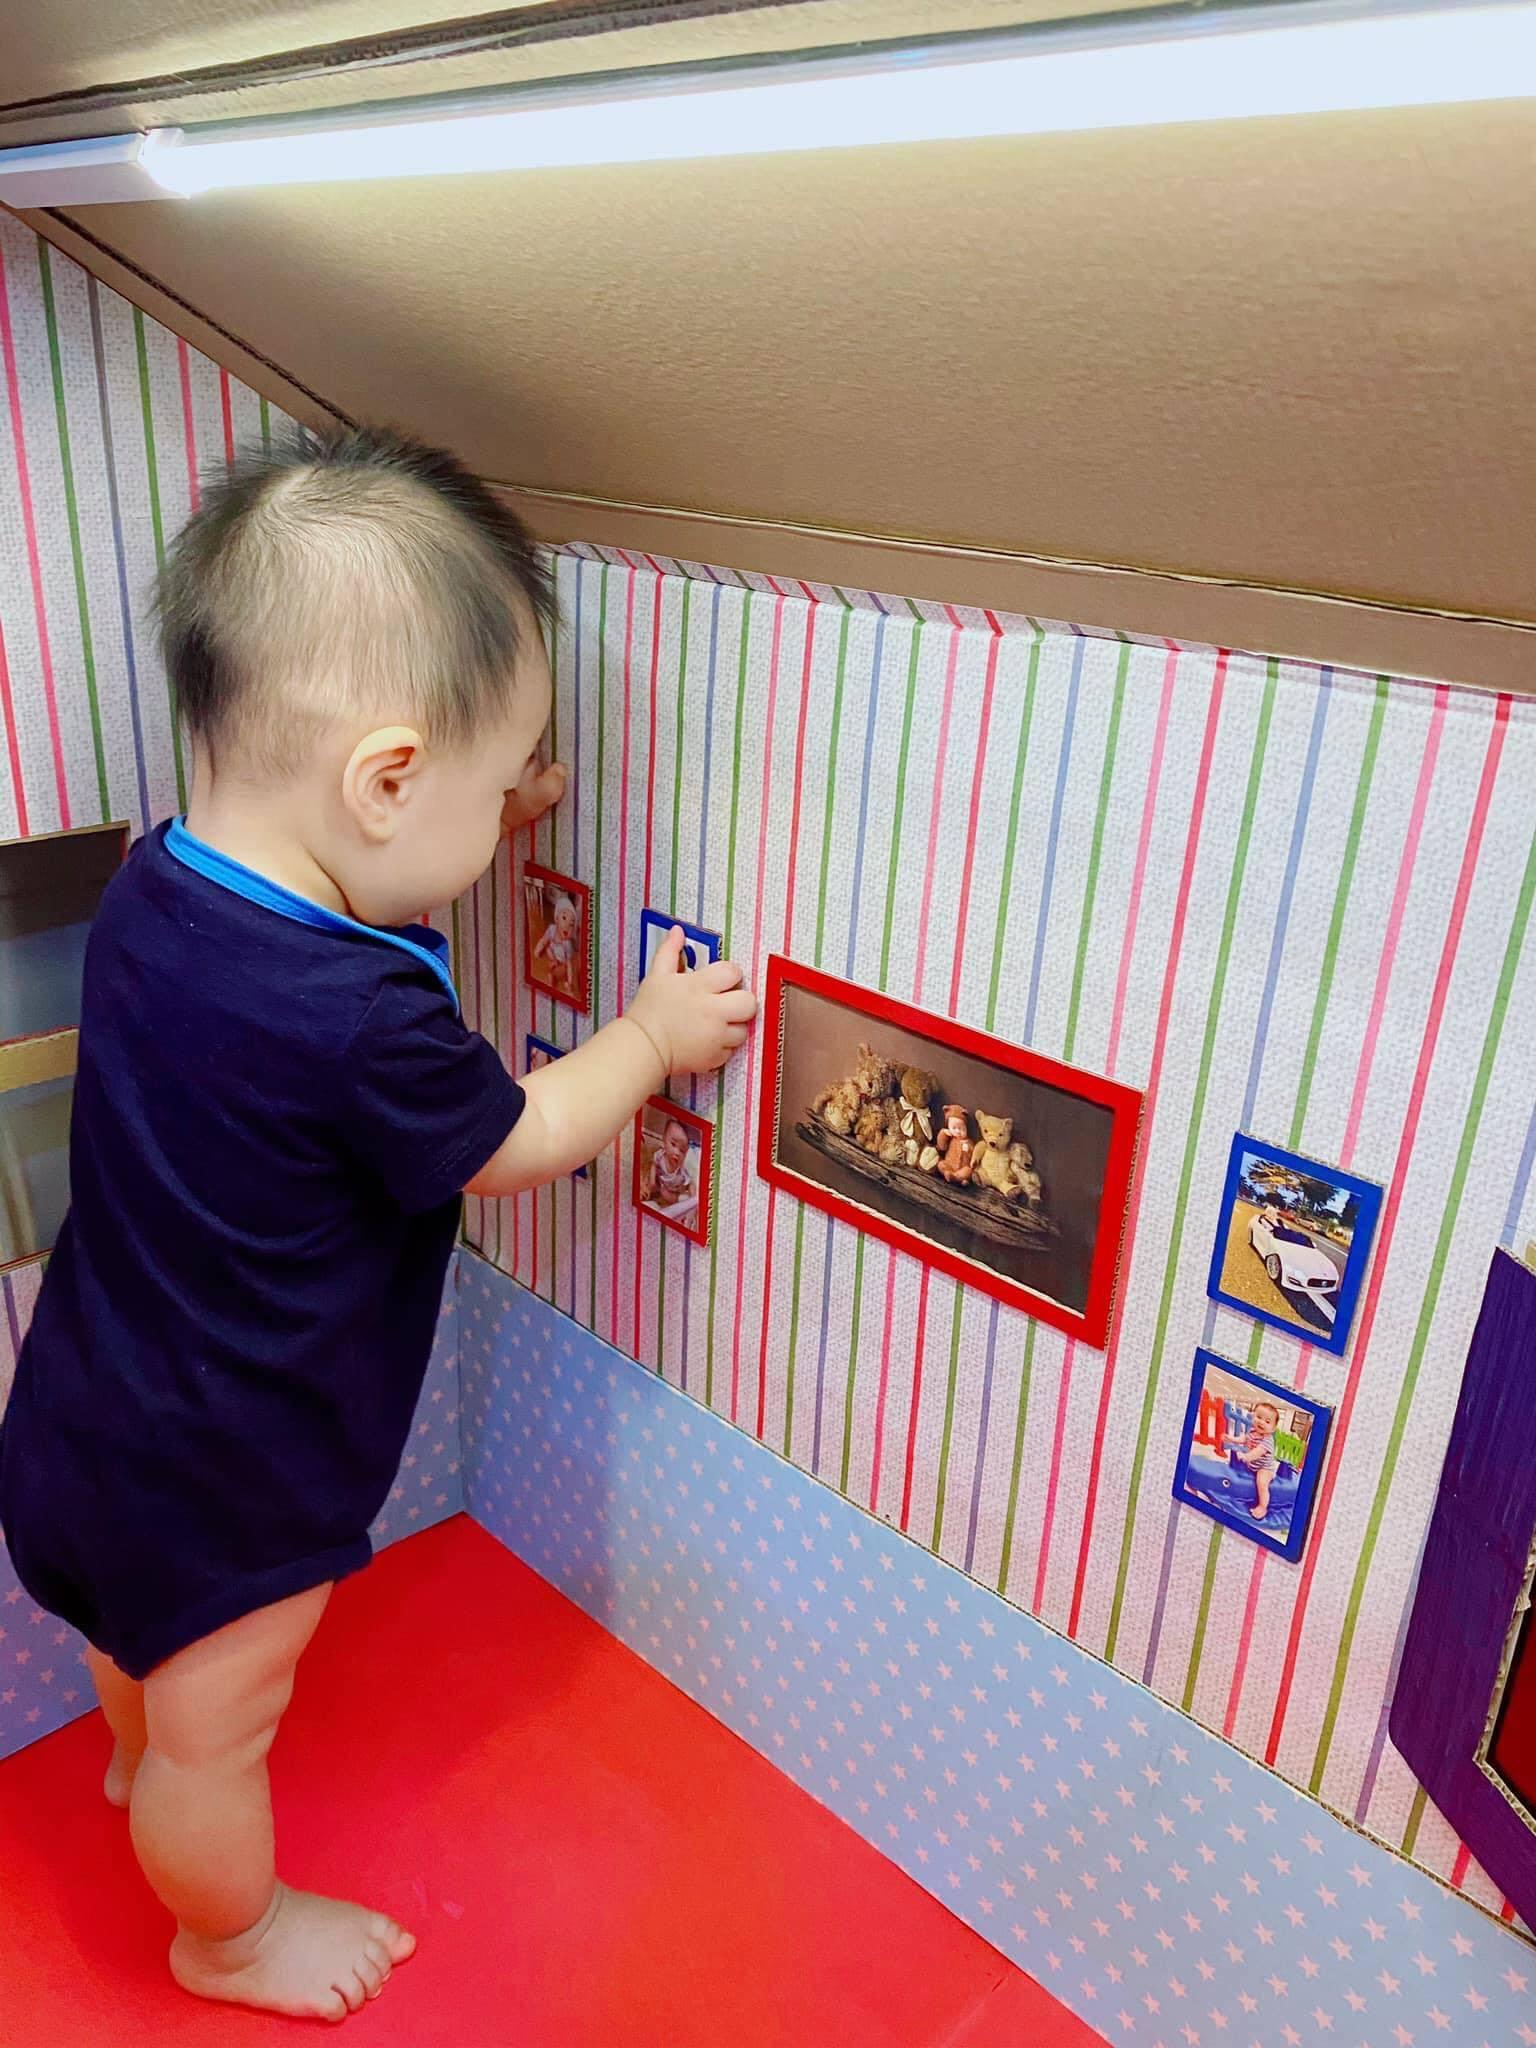 Ông bố kỹ sư làm nhà carton tặng con khiến ai nhìn cũng mê